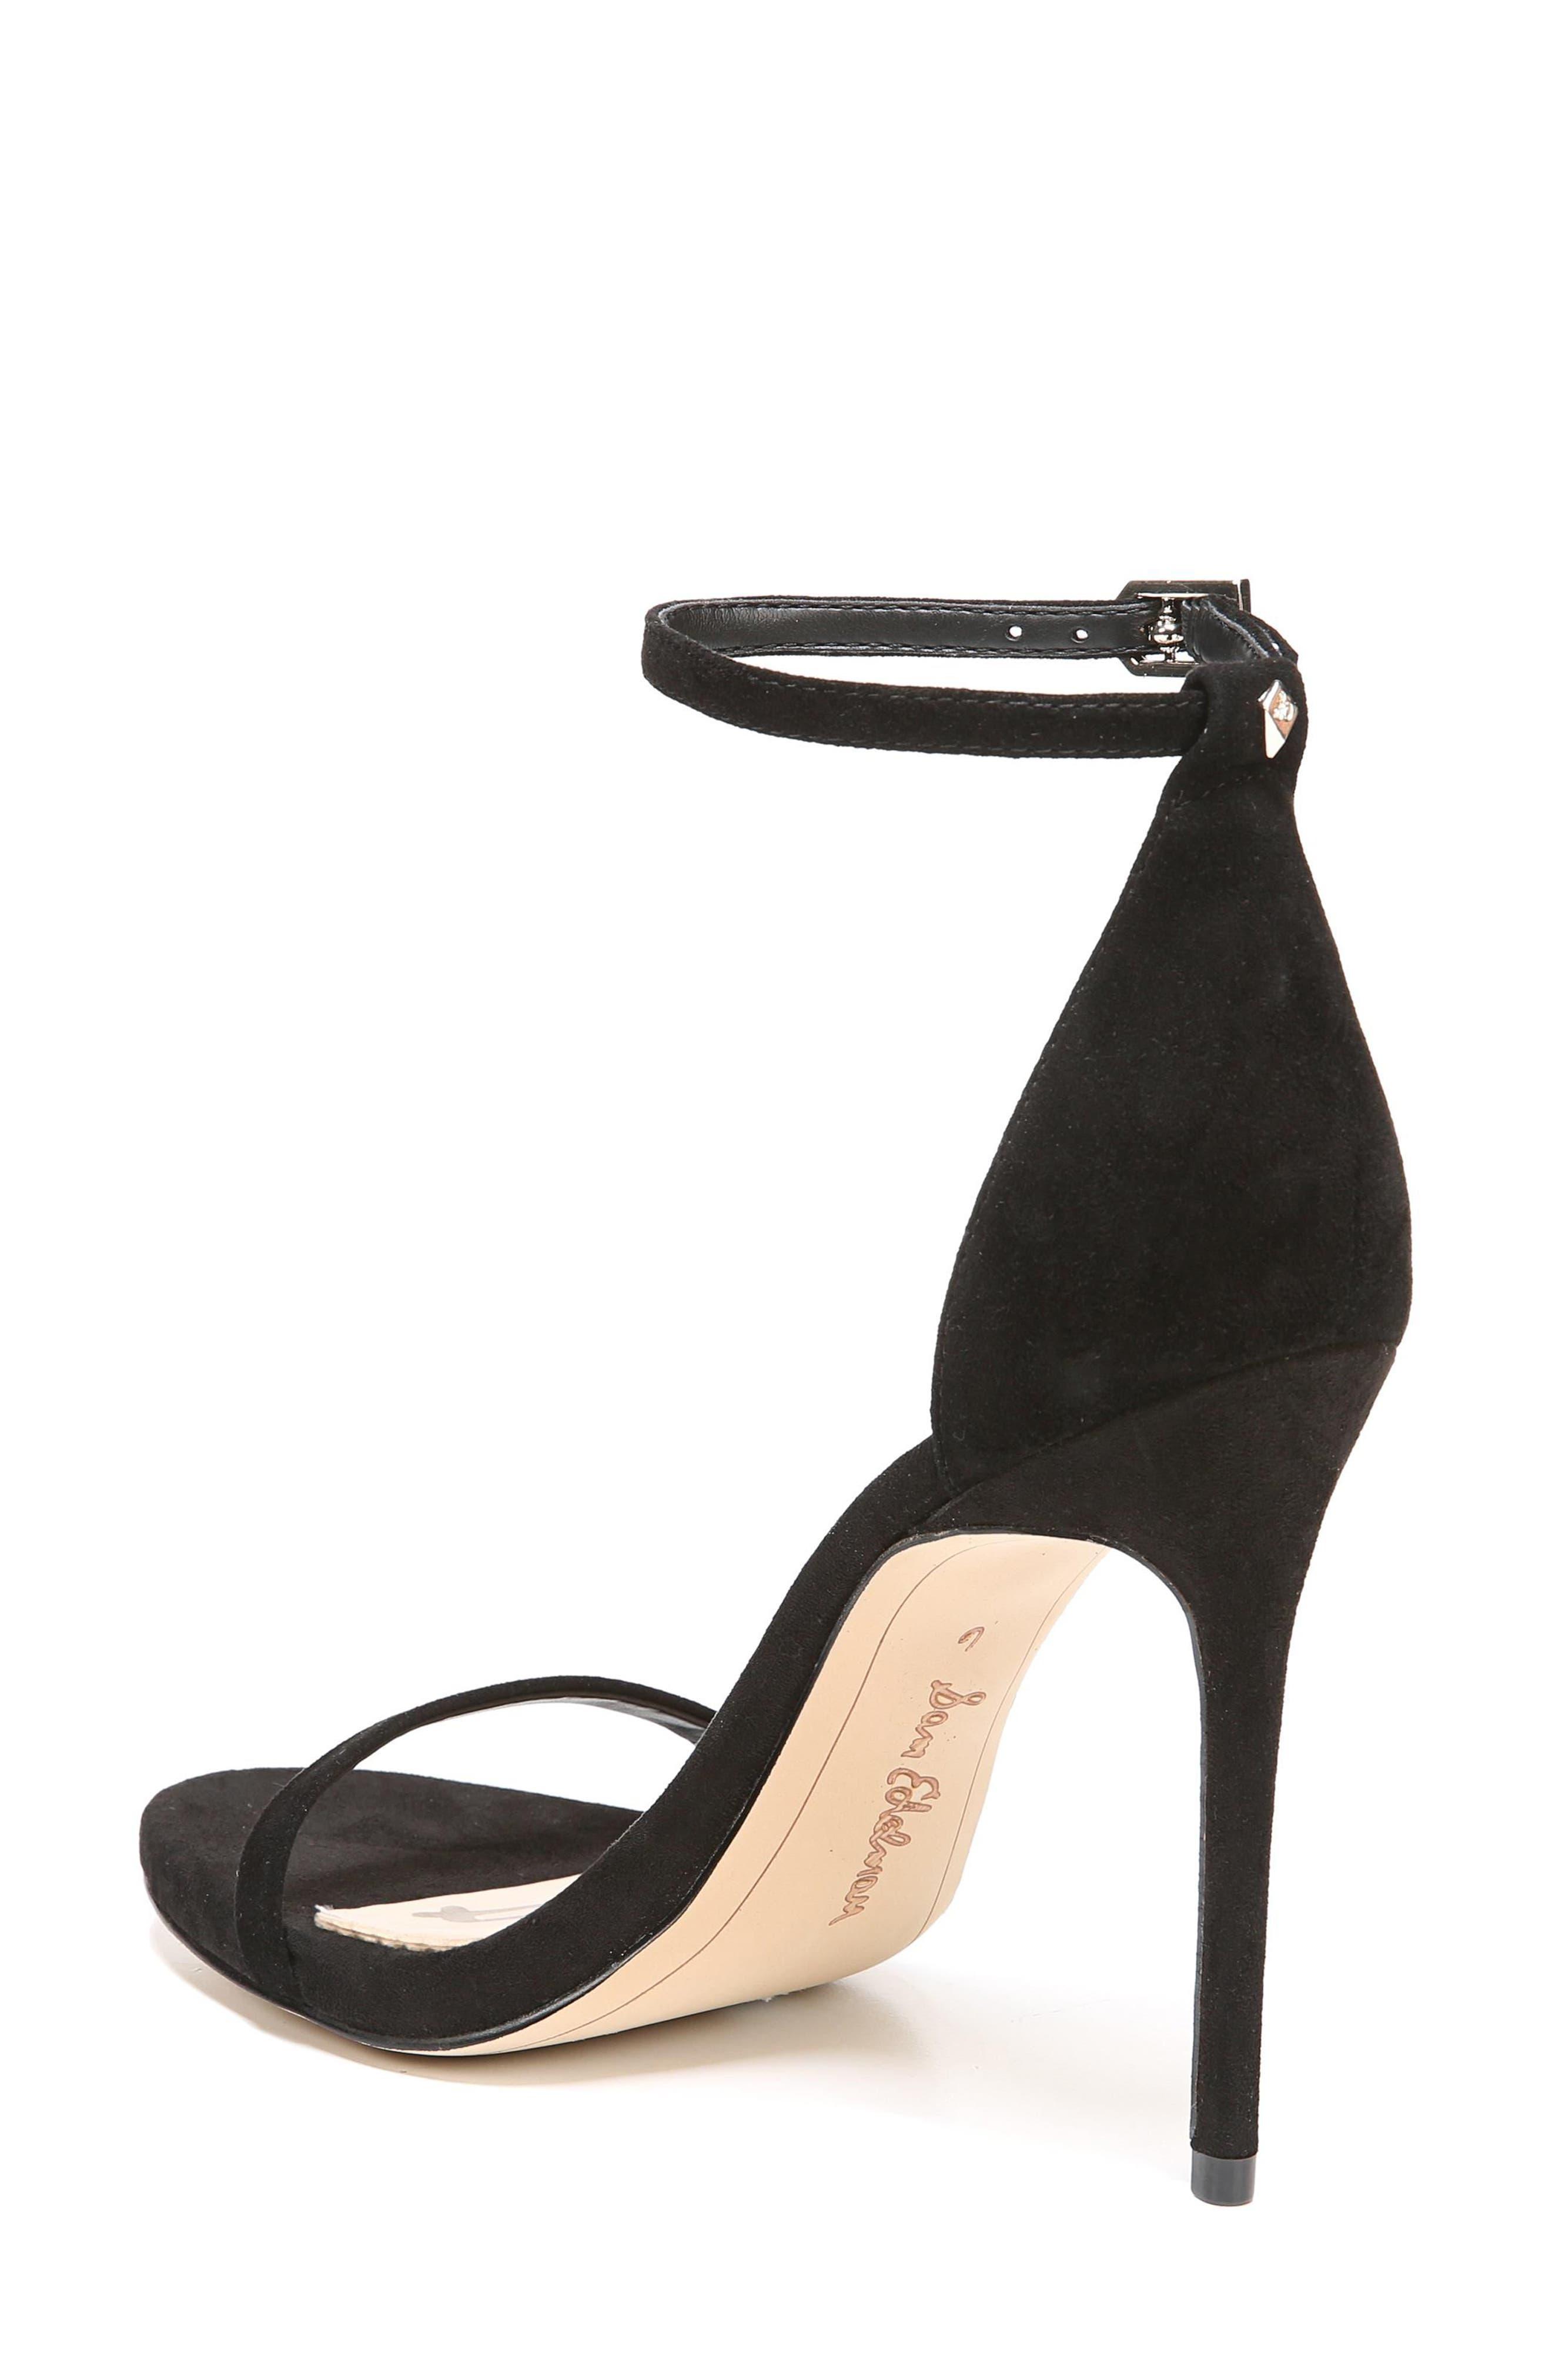 Ariella Ankle Strap Sandal,                             Alternate thumbnail 2, color,                             BLACK SUEDE